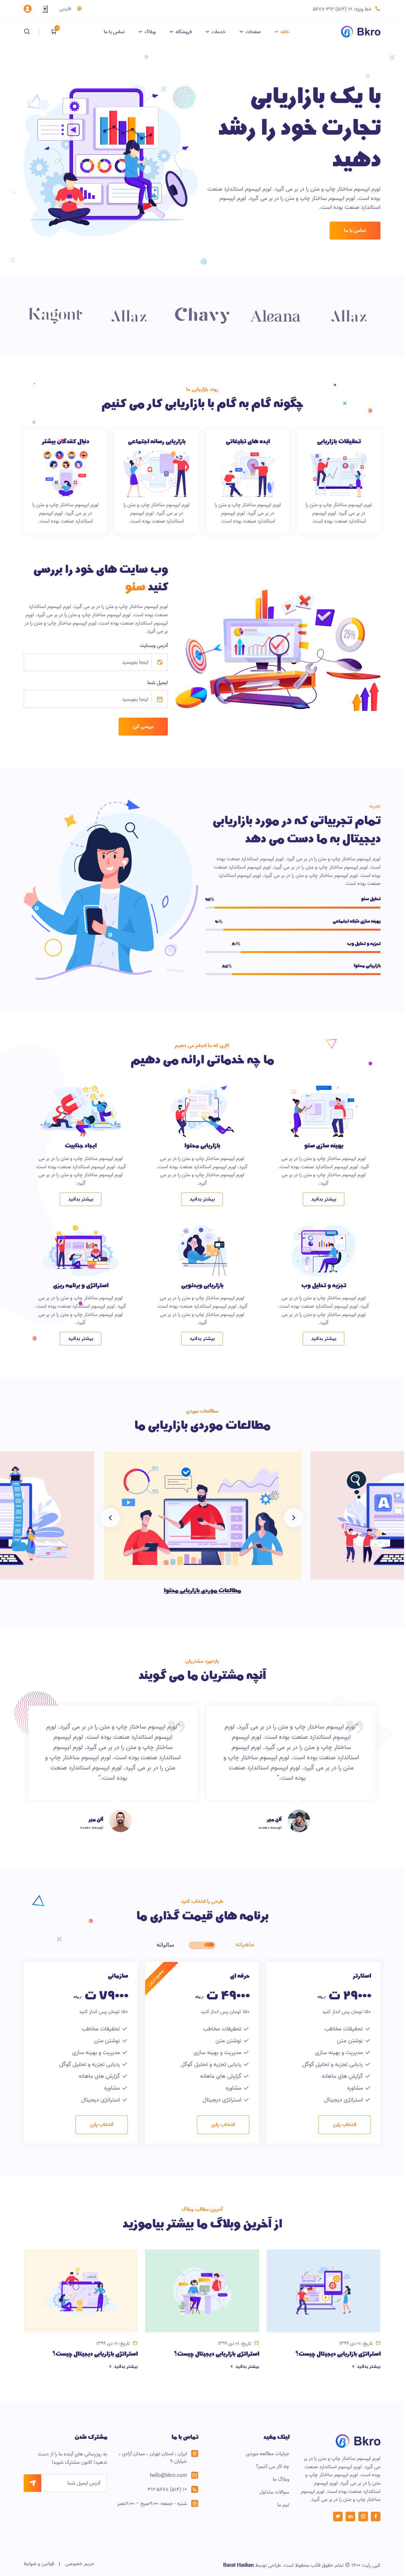 قالب HTML دیجیتال مارکتینگ باکرو